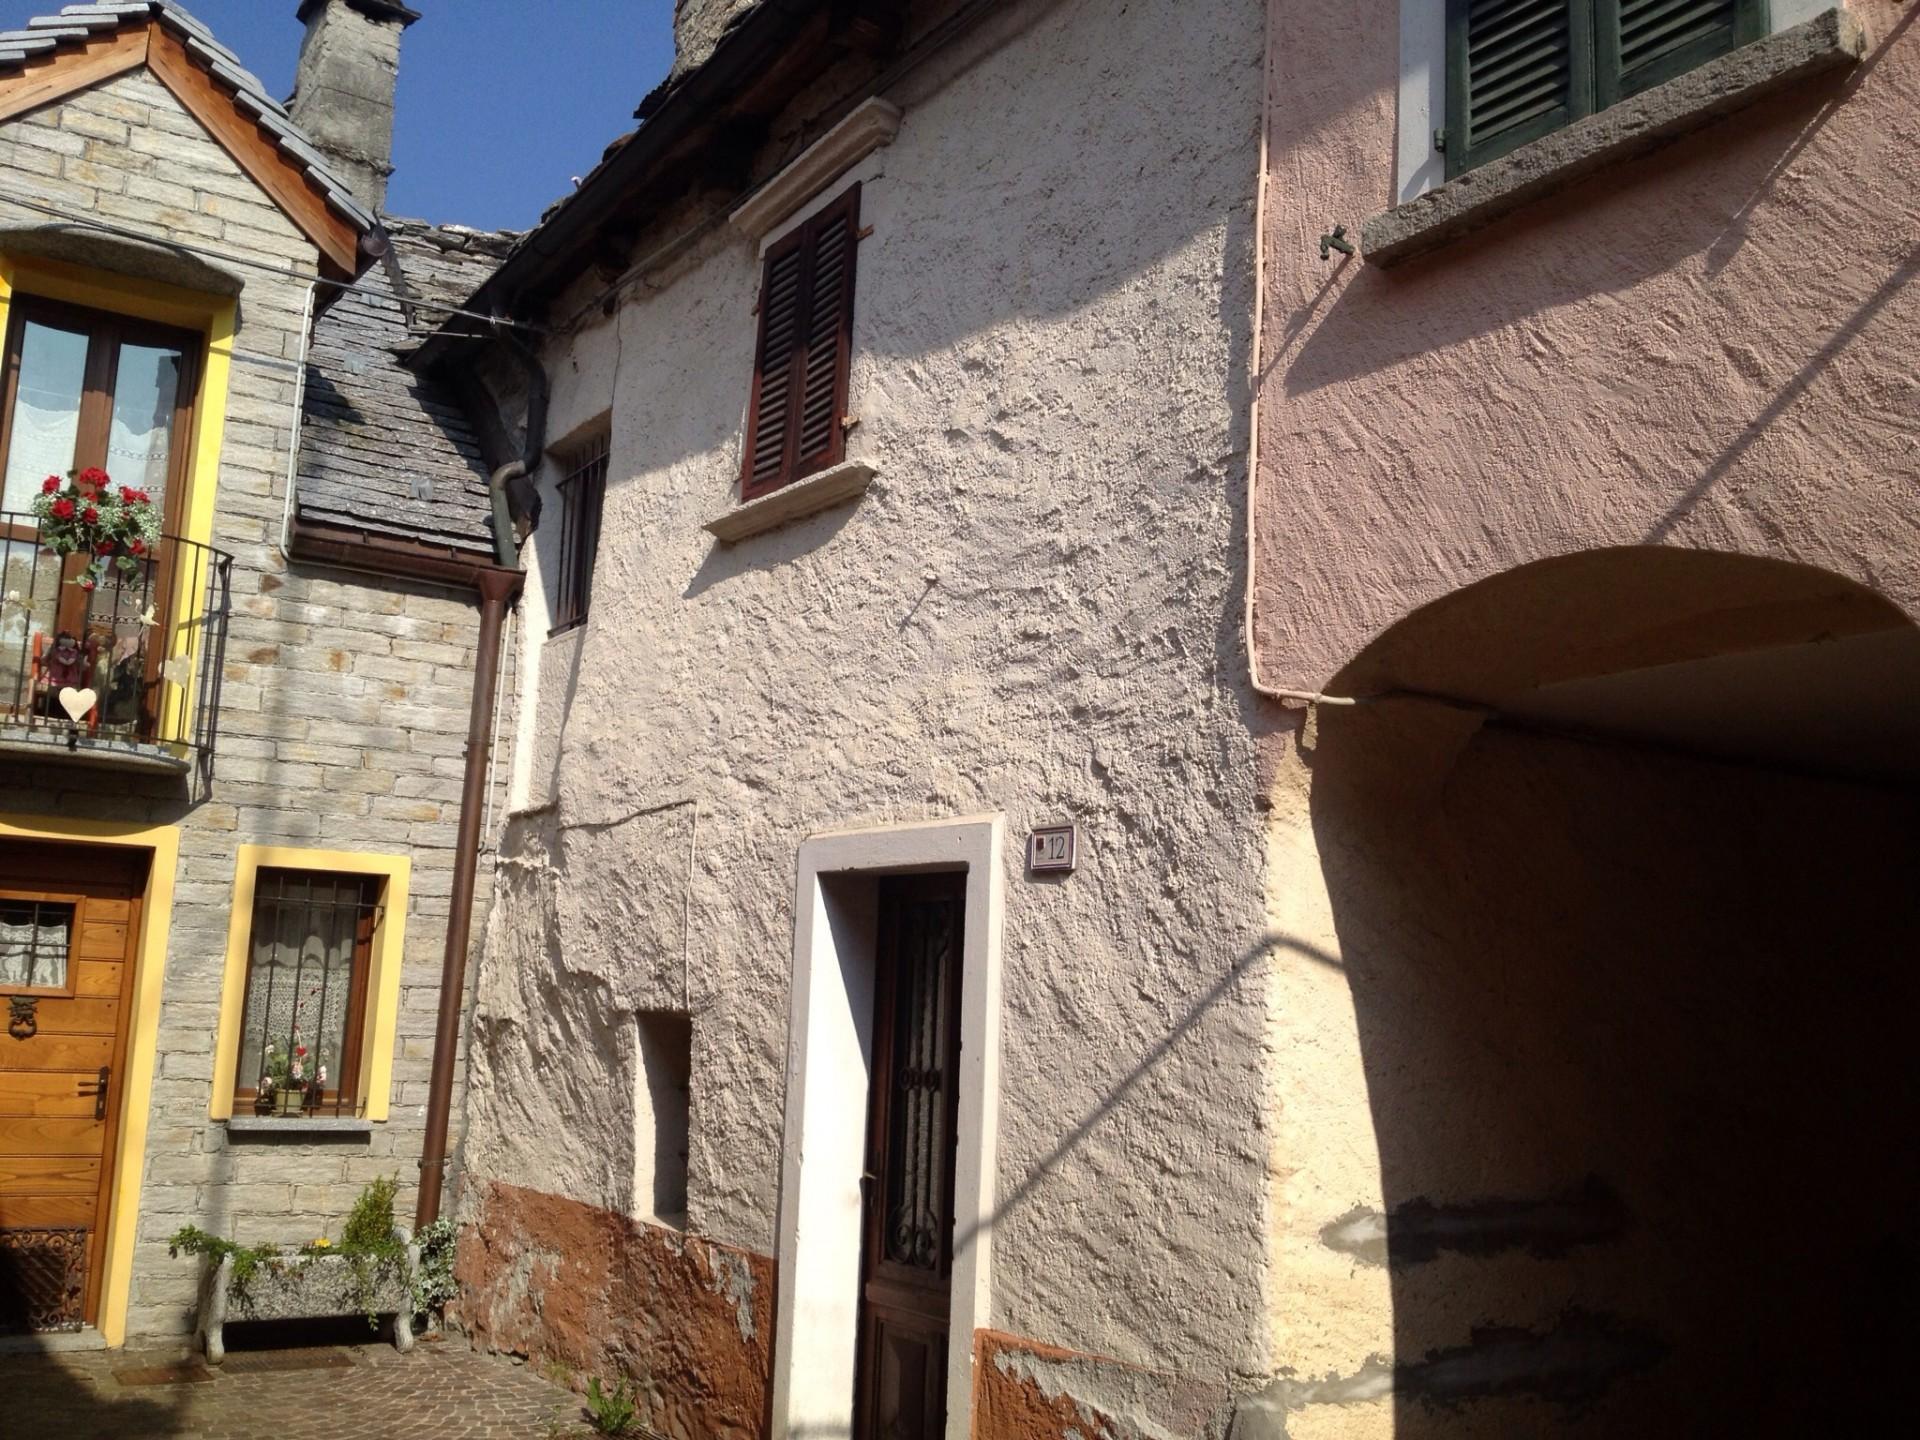 Casa indipendente da ristrutturare in vendita a santa maria maggiore v0198 - Ristrutturare casa da soli ...